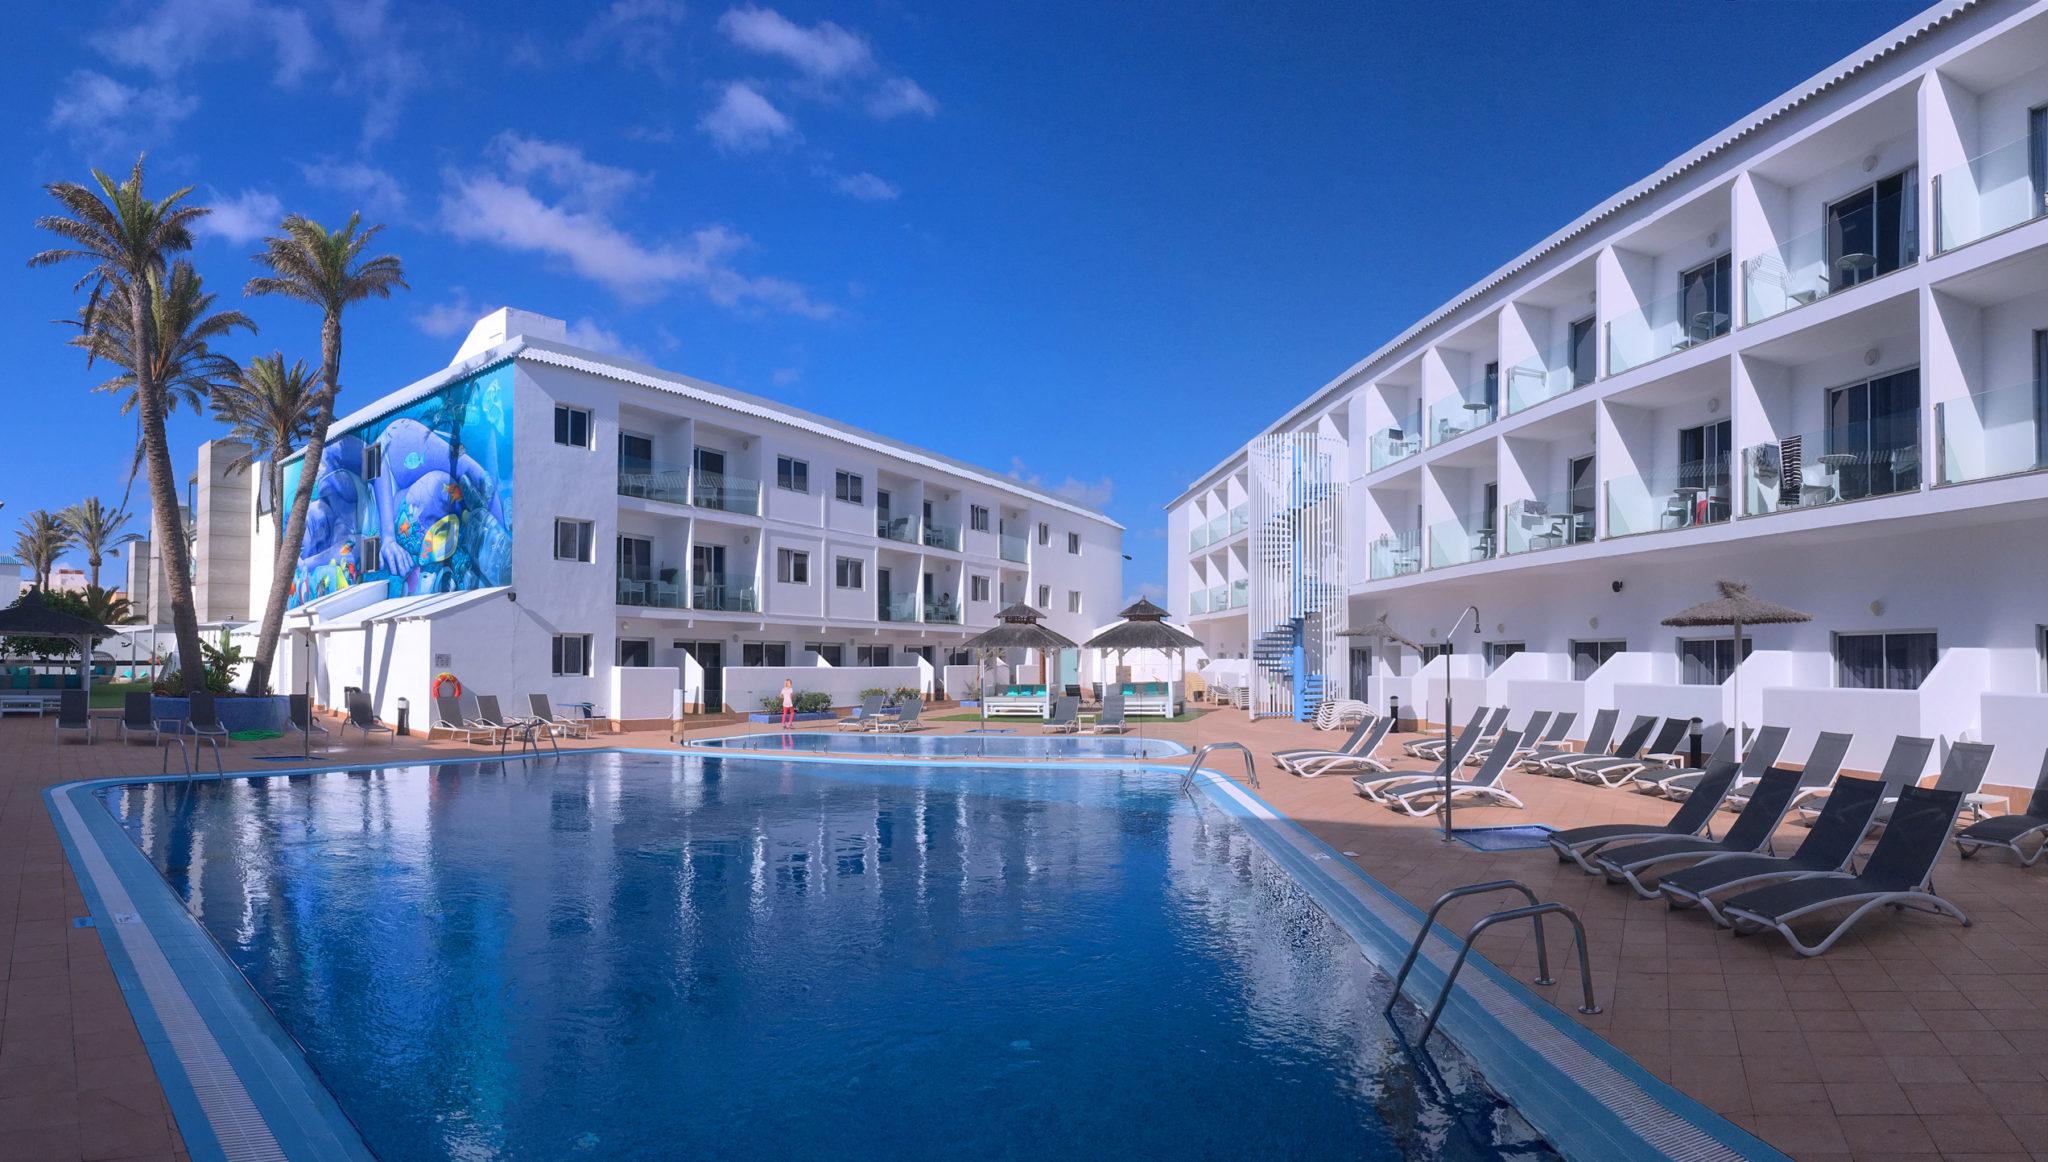 Pool und Innenhof des Hotel Surfing Colors